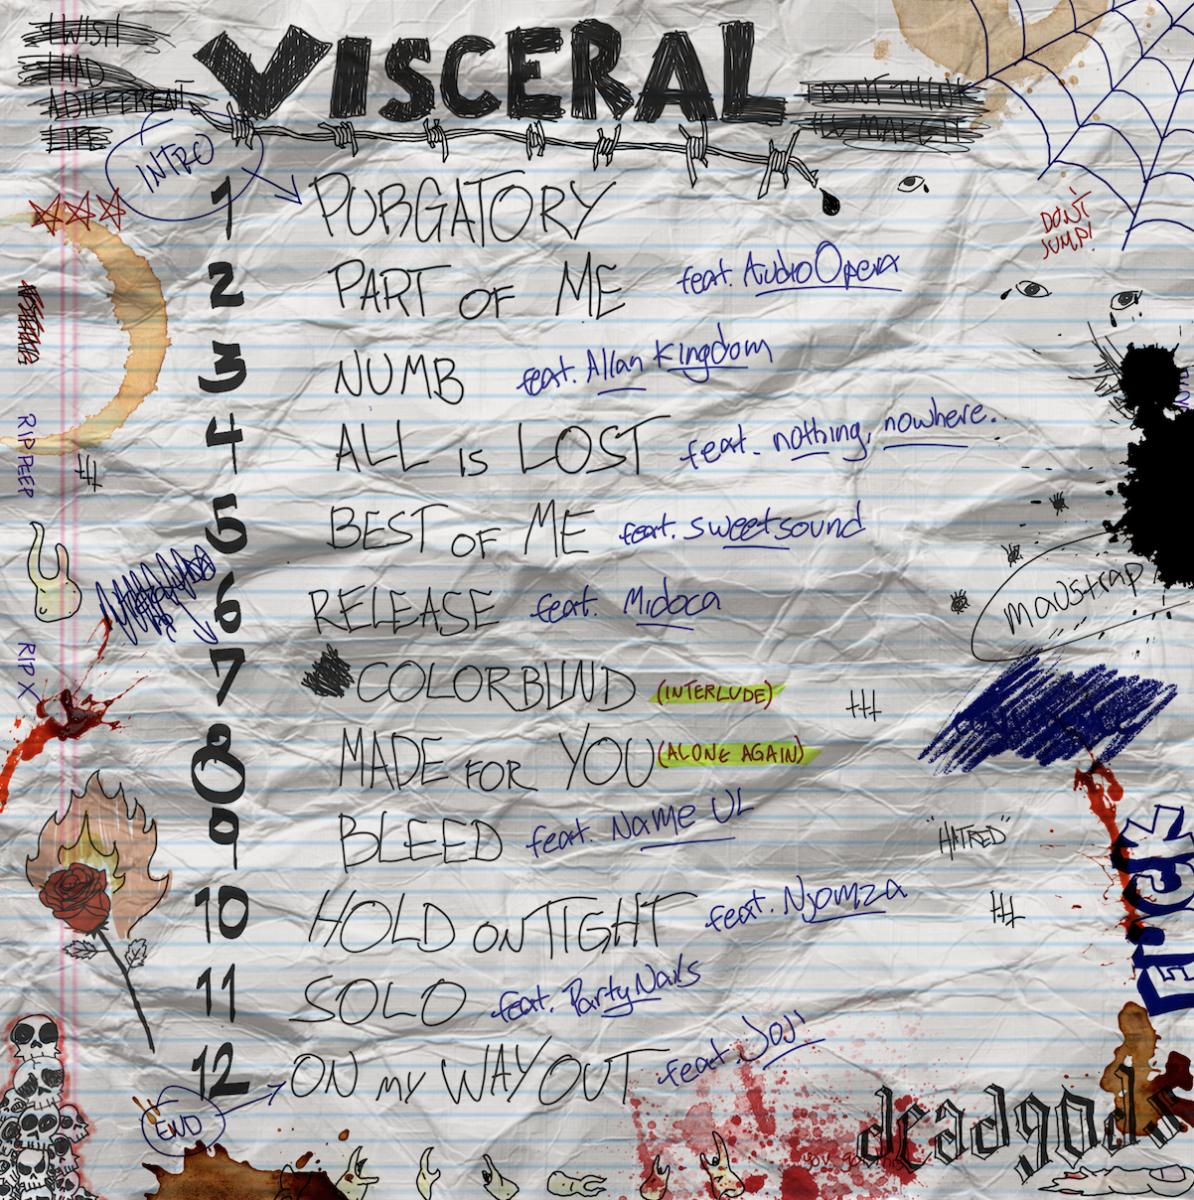 VISCERAL TRACKLIST